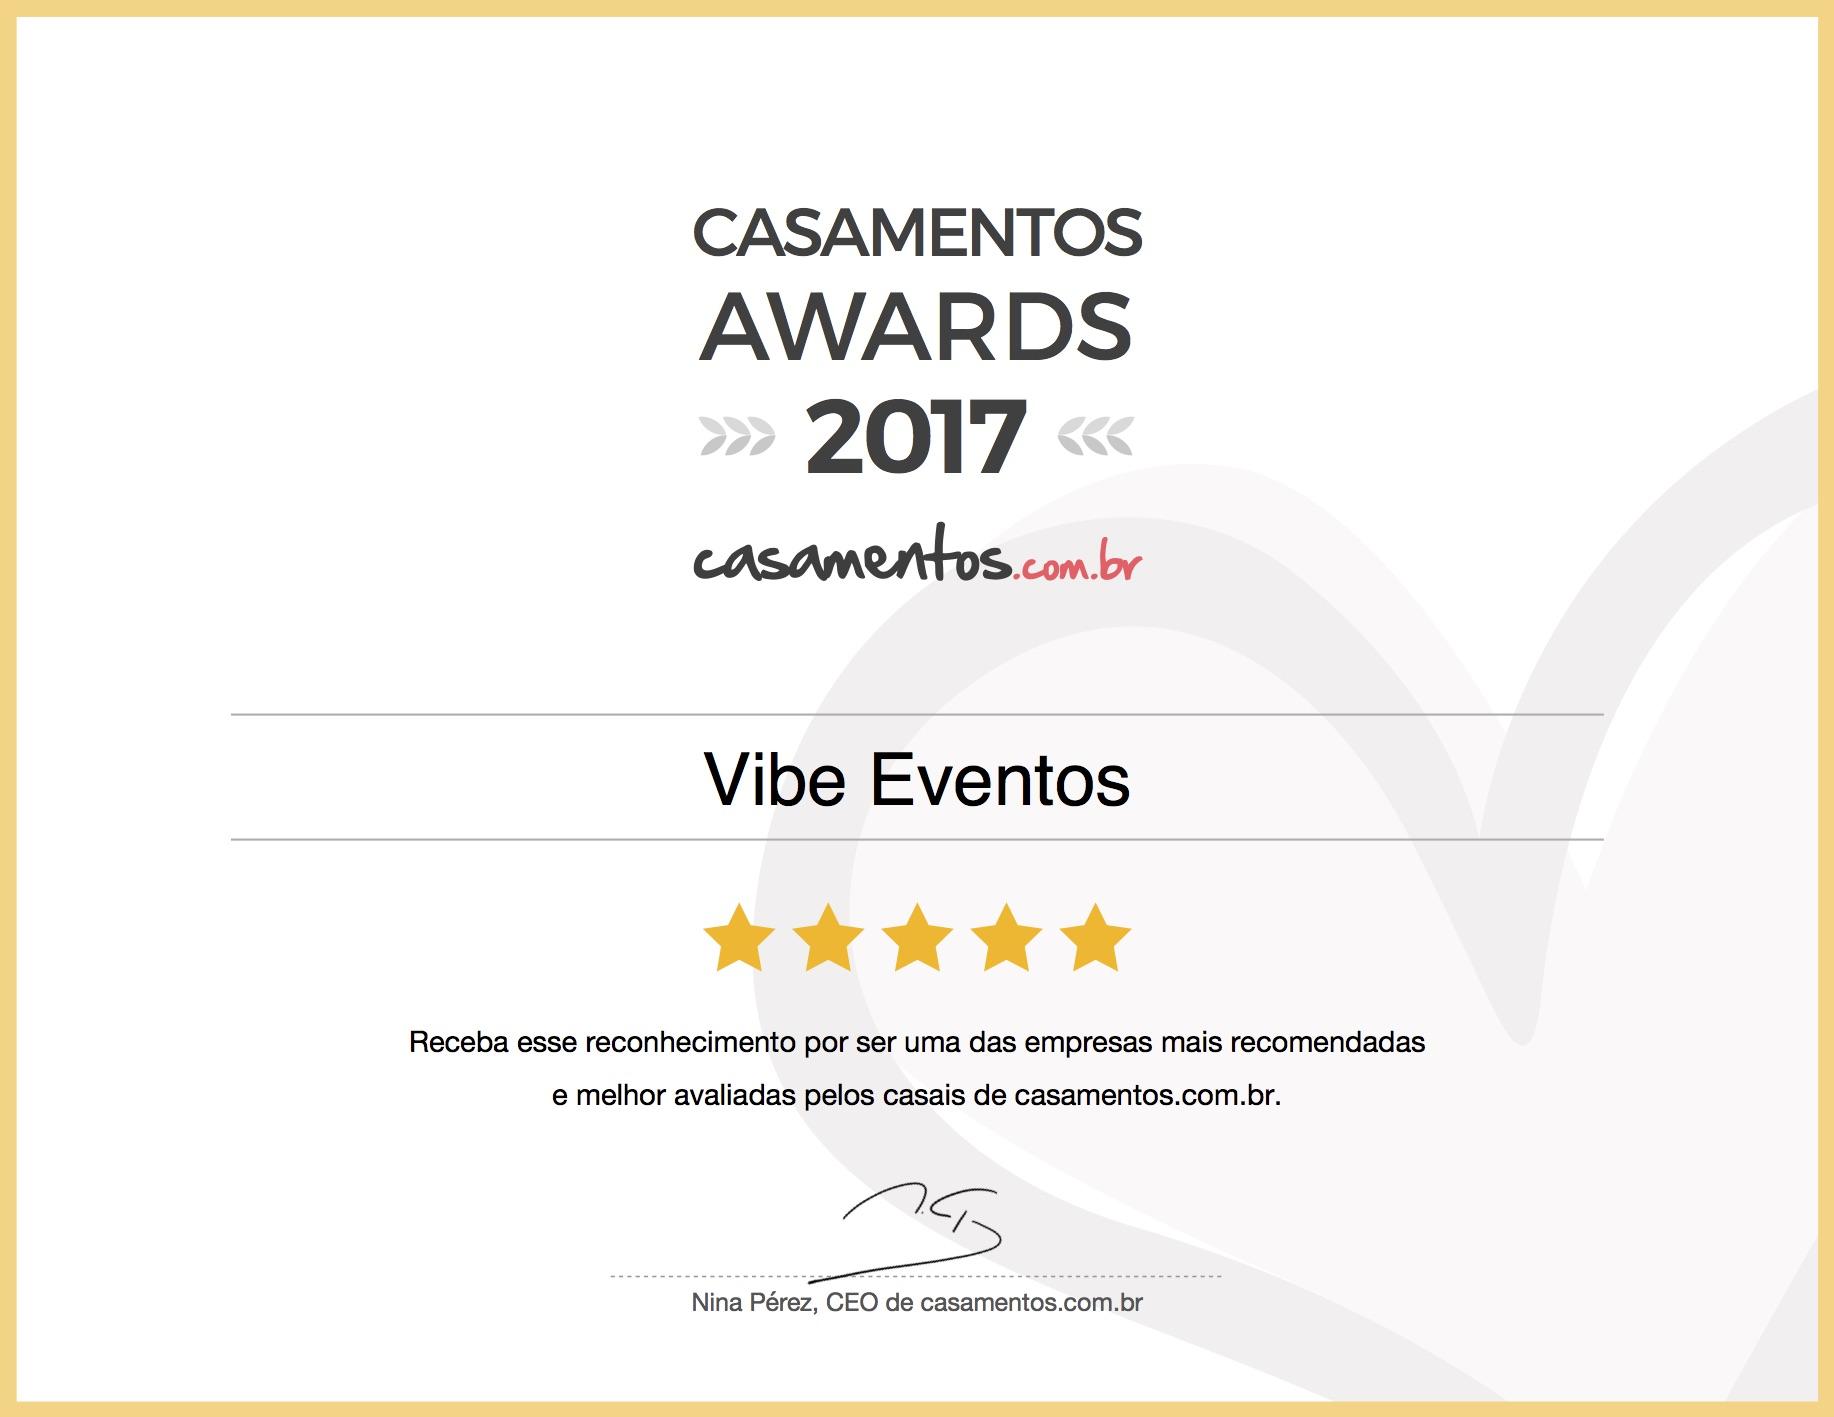 Casamentos_Awards_2017